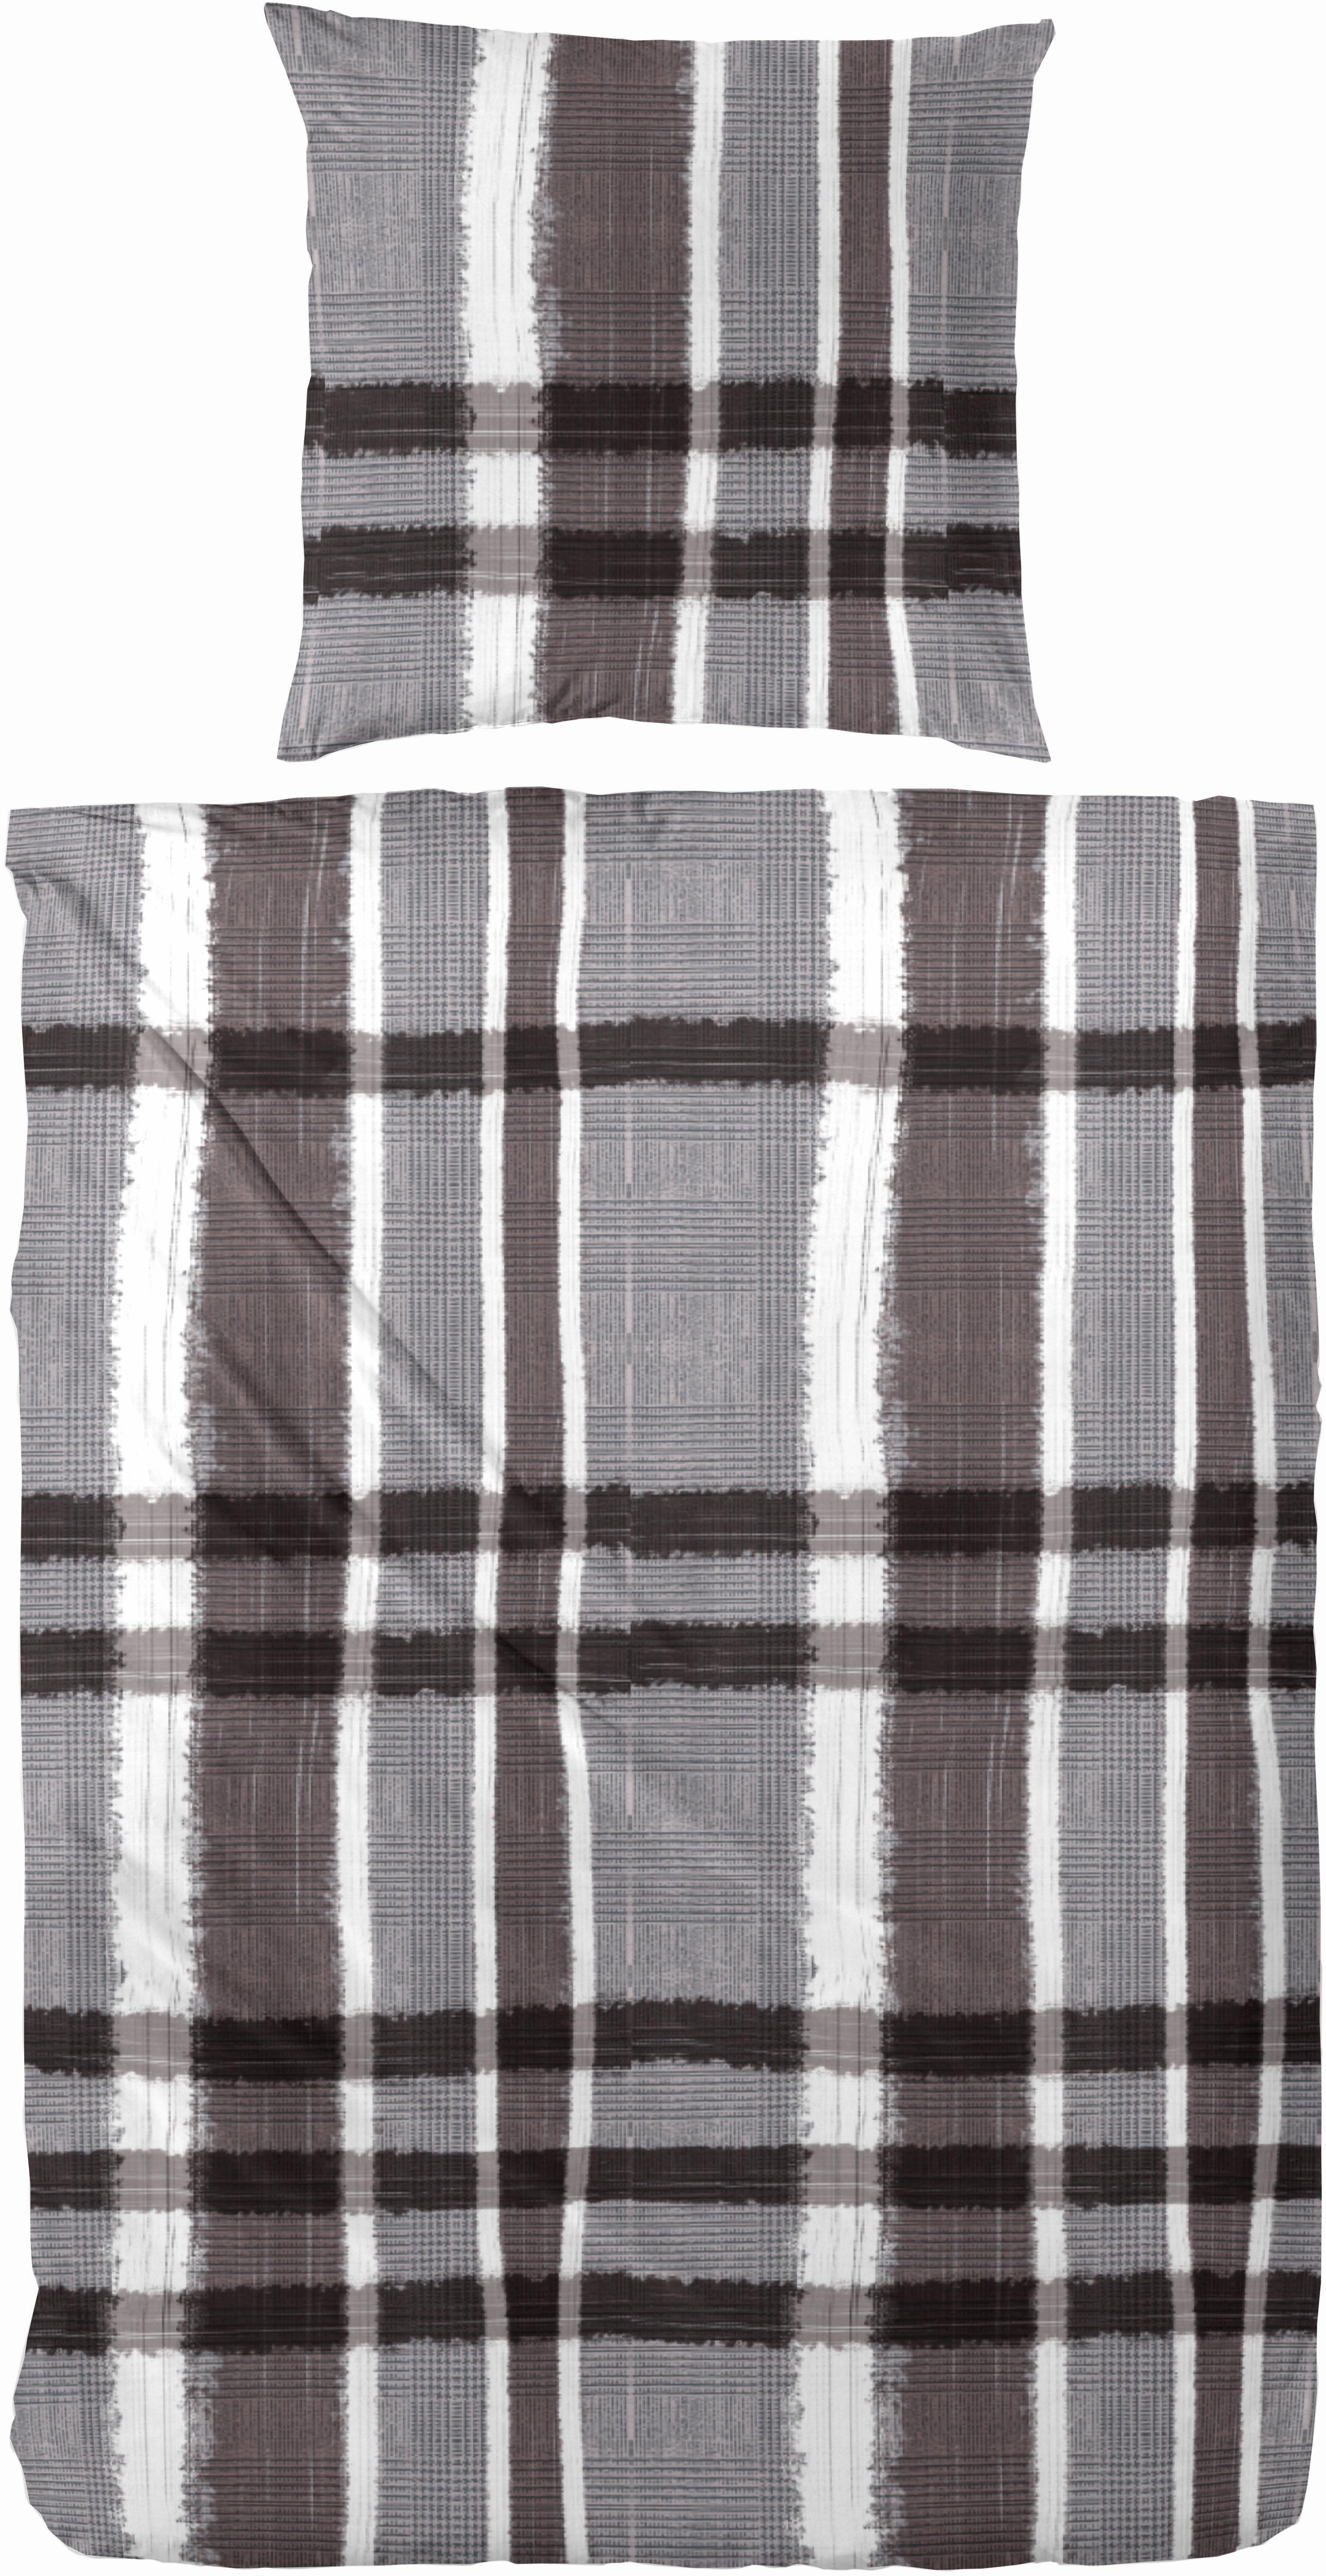 bettw sche clarissa primera auf rechnung baur. Black Bedroom Furniture Sets. Home Design Ideas